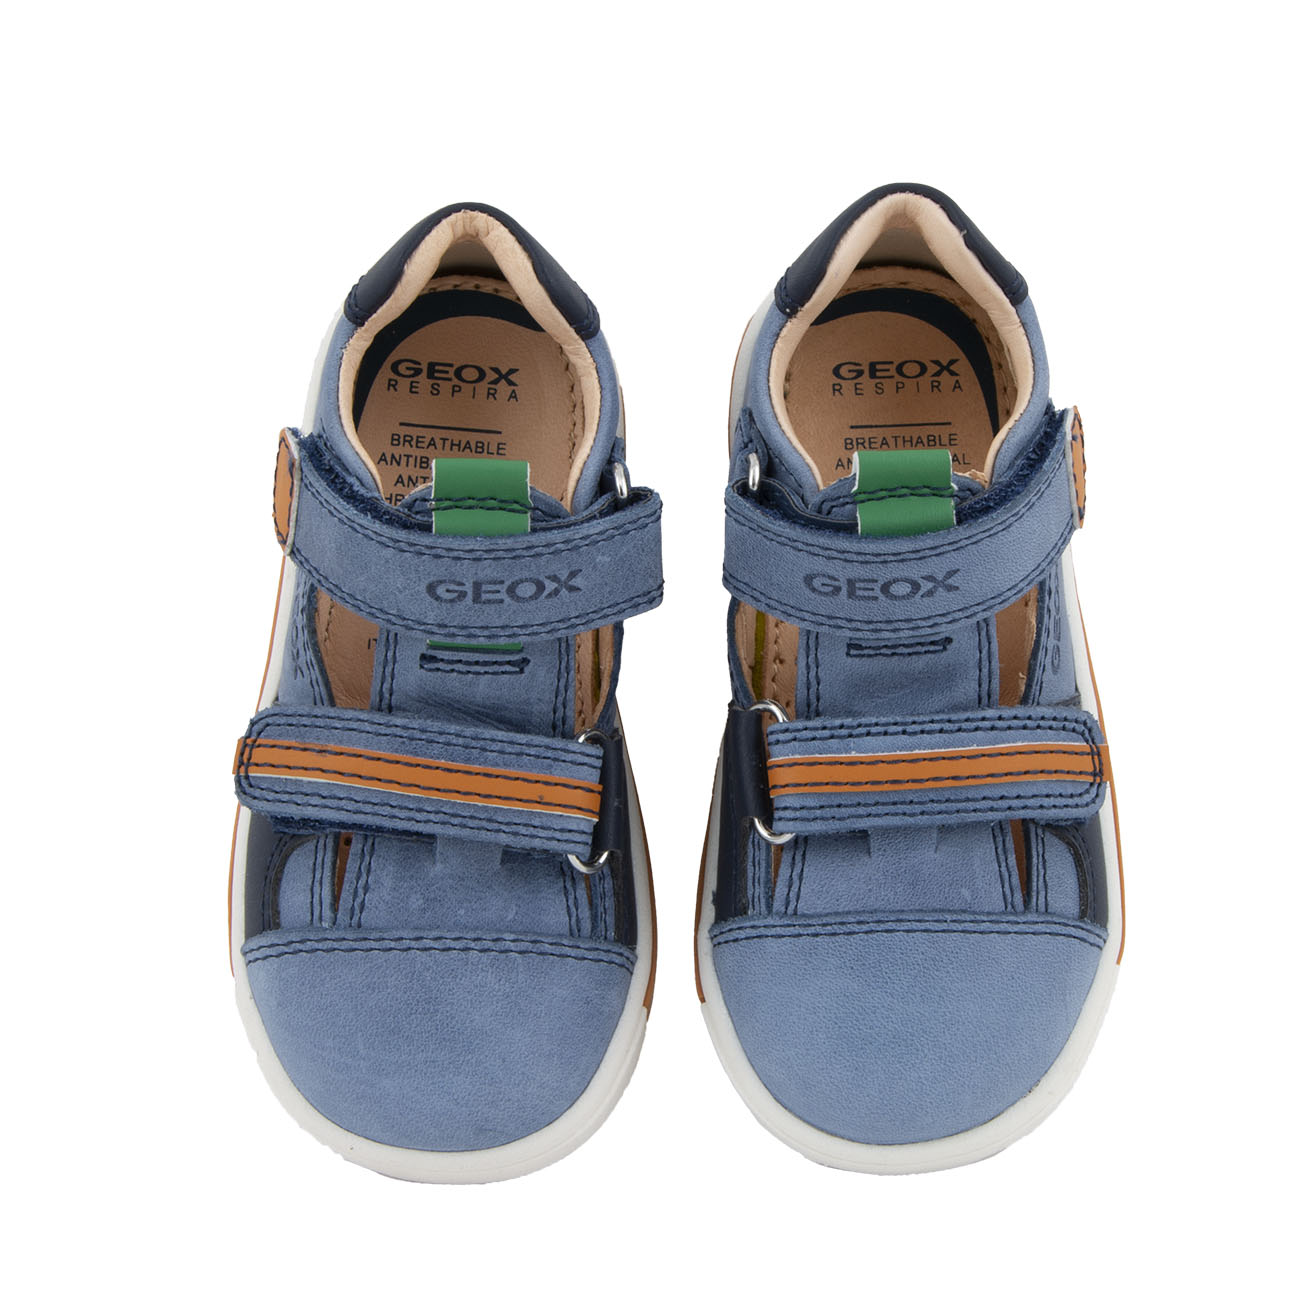 Αγόρι παπουτσοπέδιλο μπλέ αυτοκόλλητα Geox  Β0243C 0CL54 C4Μ2Τ